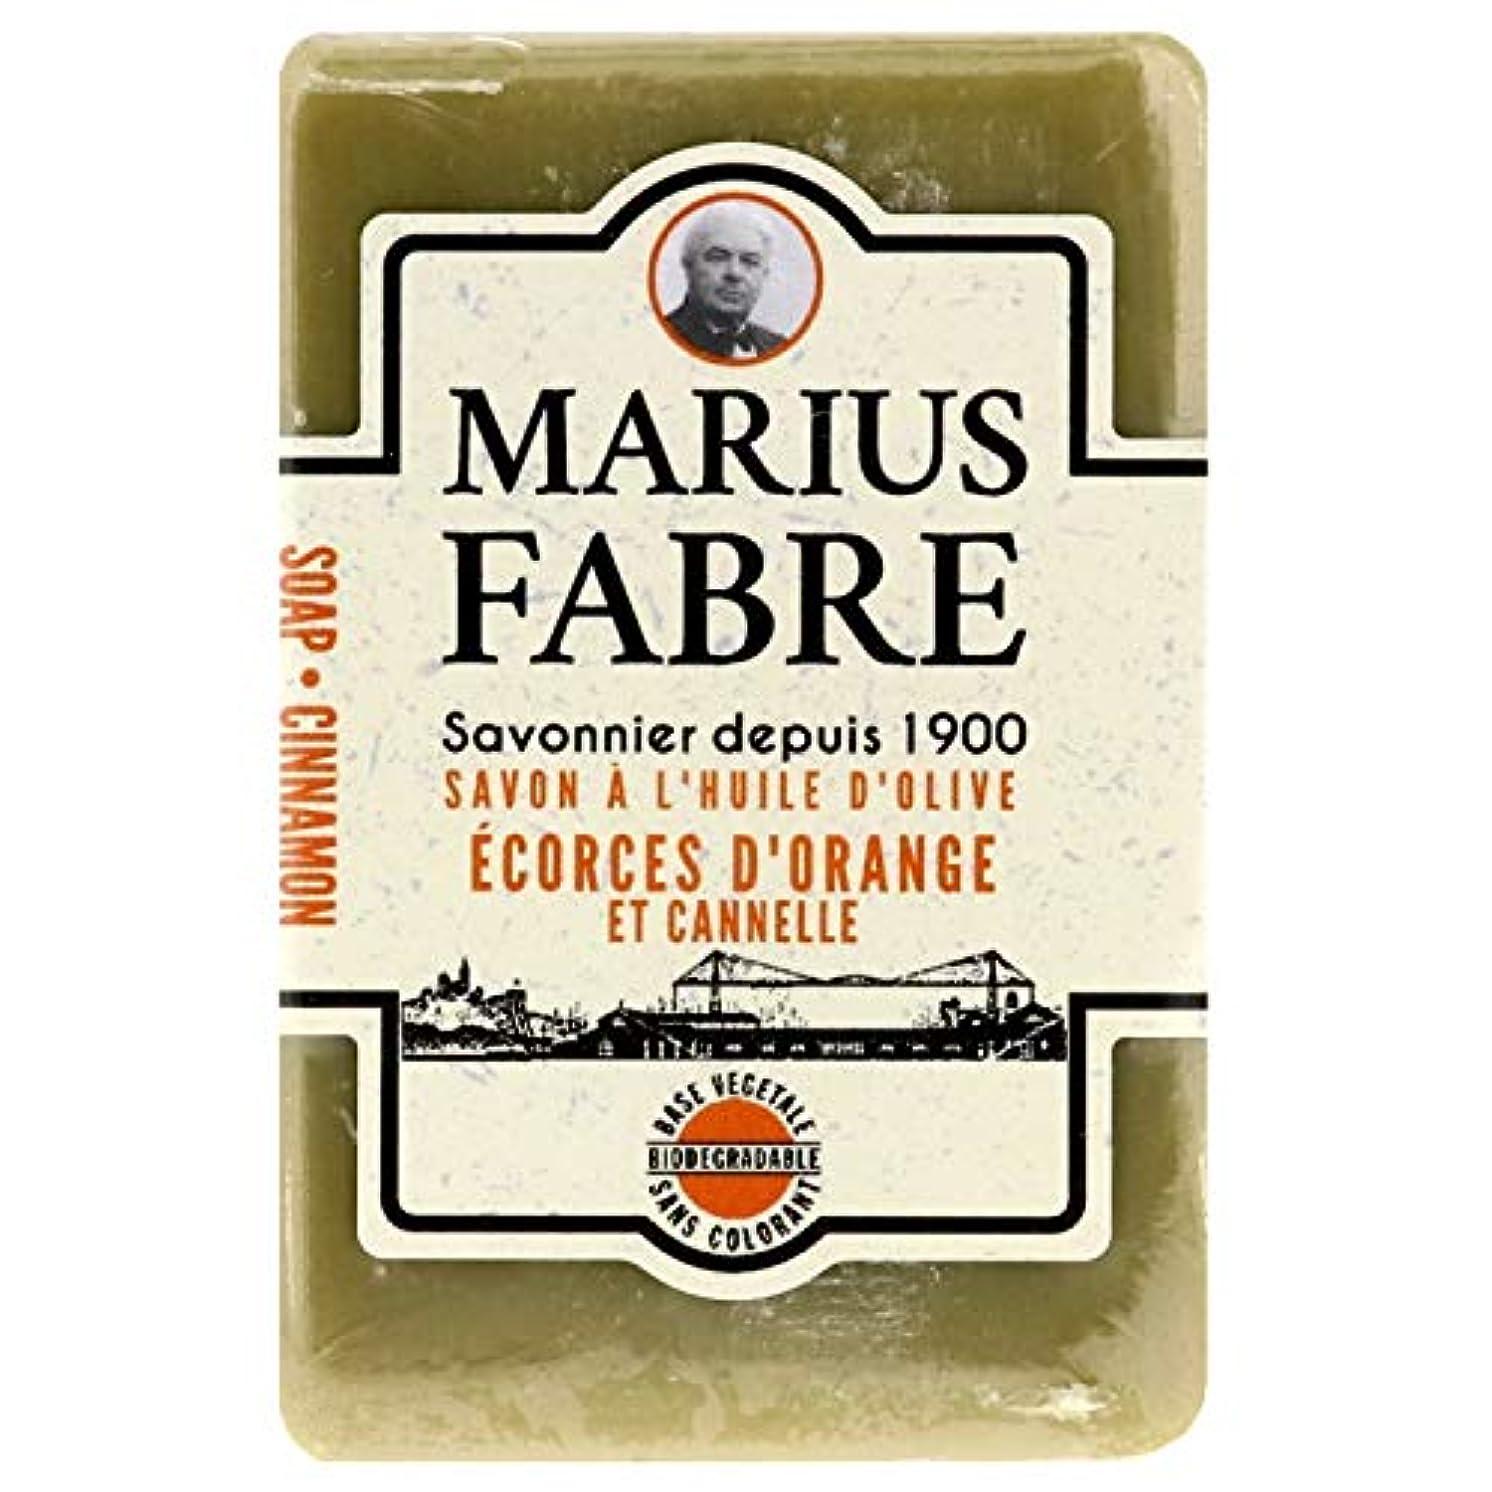 びん巻き取り借りているサボンドマルセイユ 1900 シナモンオレンジ 150g